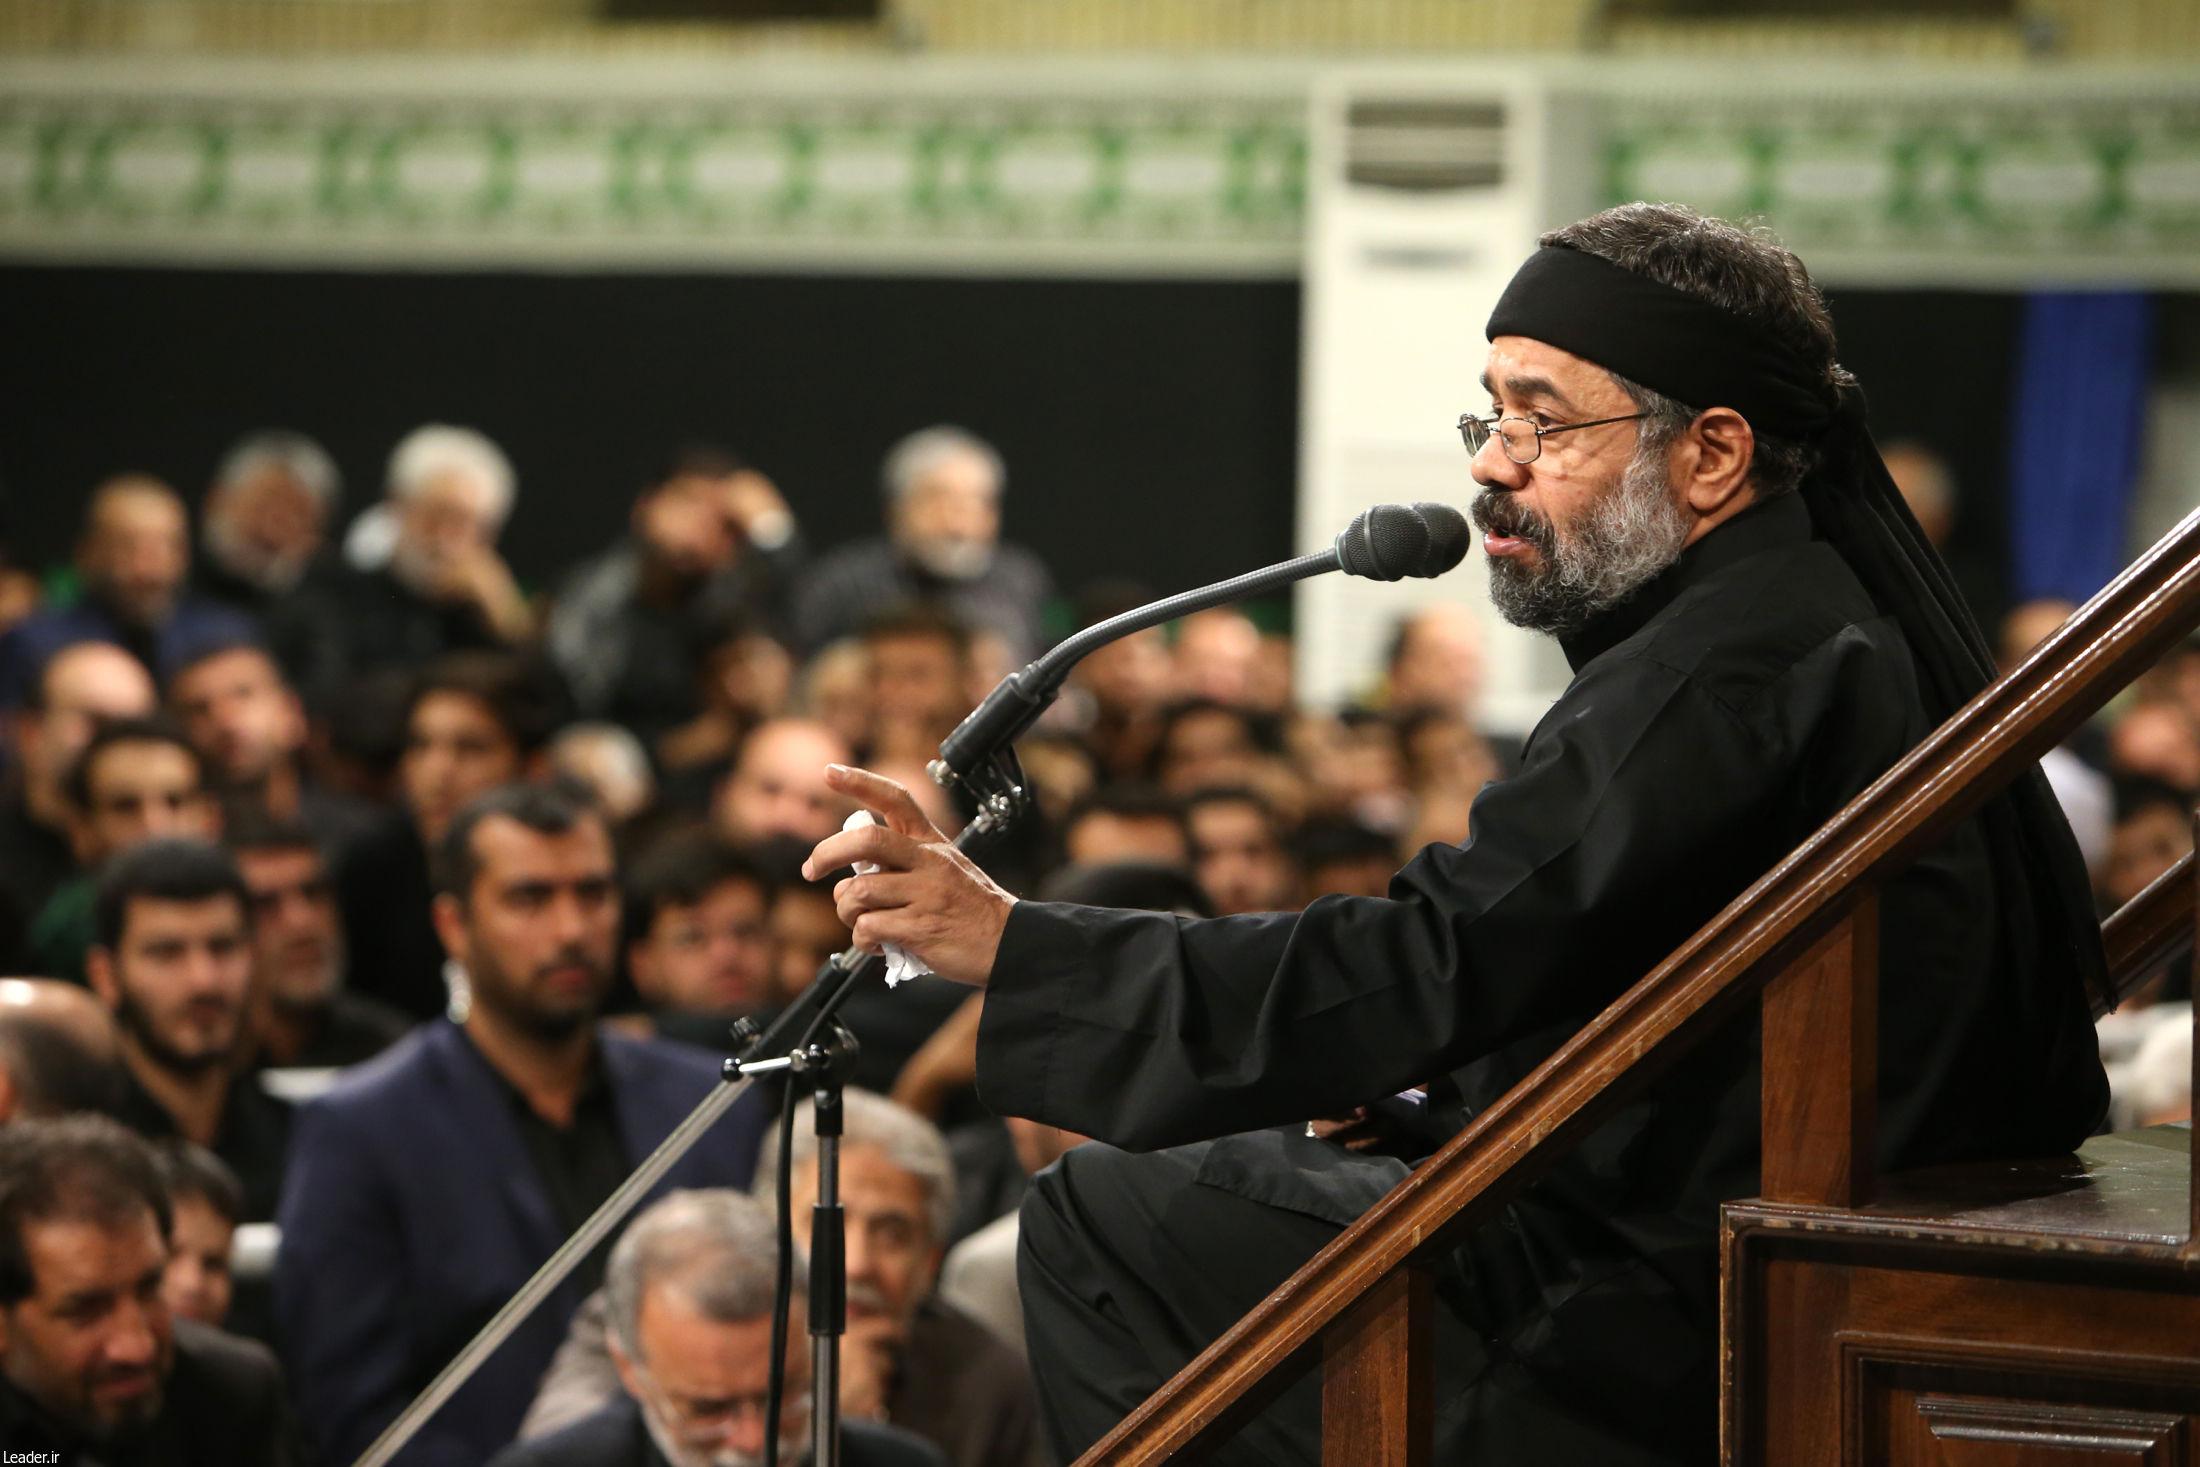 تصاویر/ مراسم عزاداری شب عاشورای حسینی با حضور رهبر معظم انقلاب